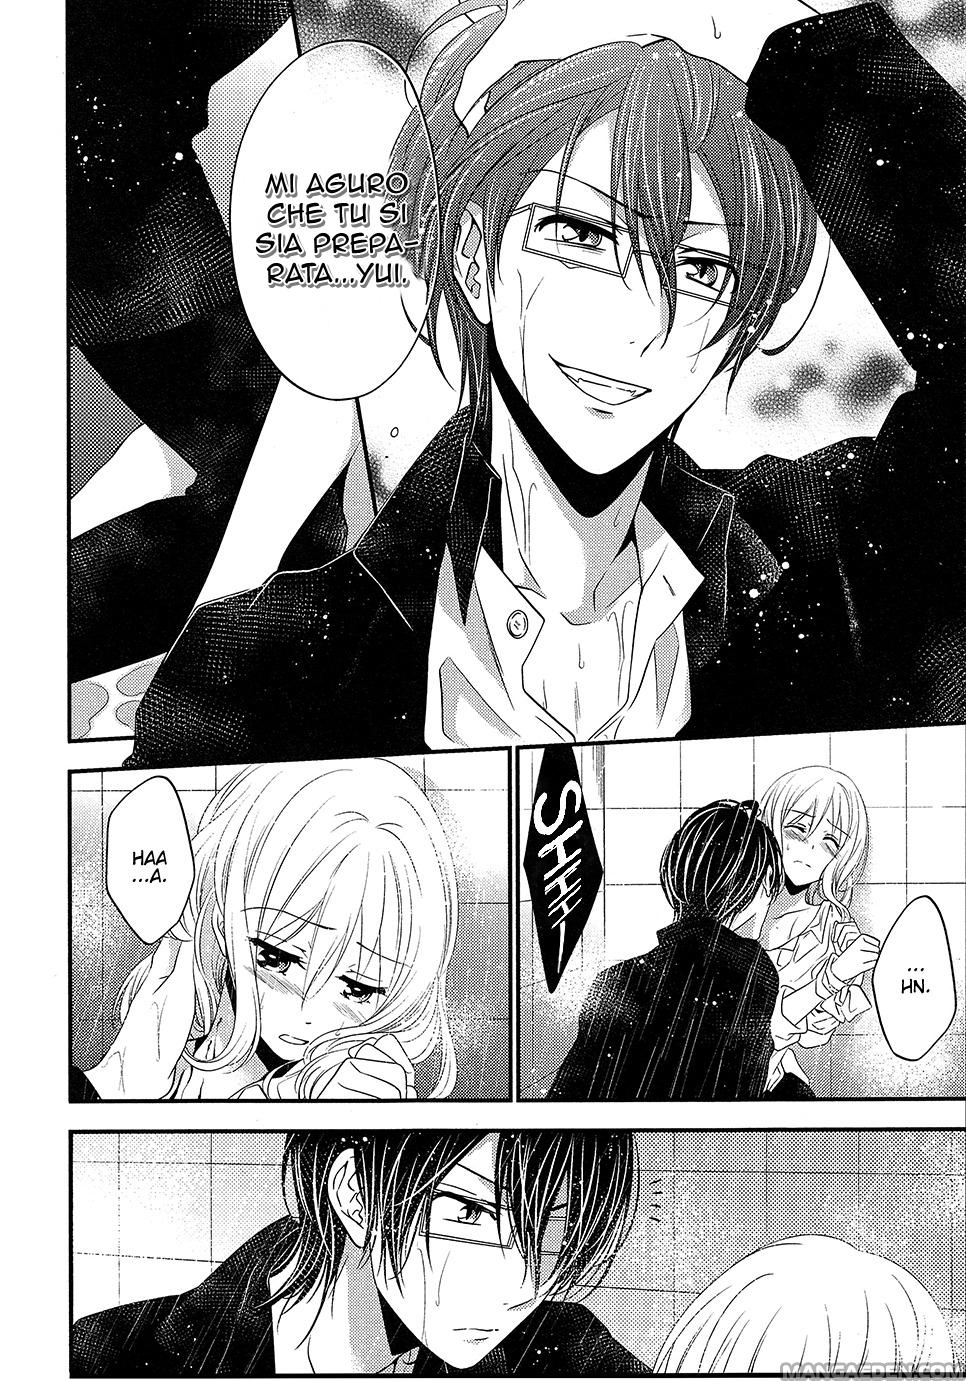 https://nine.mangadogs.com/it_manga/pic/7/1095/221750/DiabolikLoversMOREBLOODSak738.jpg Page 10